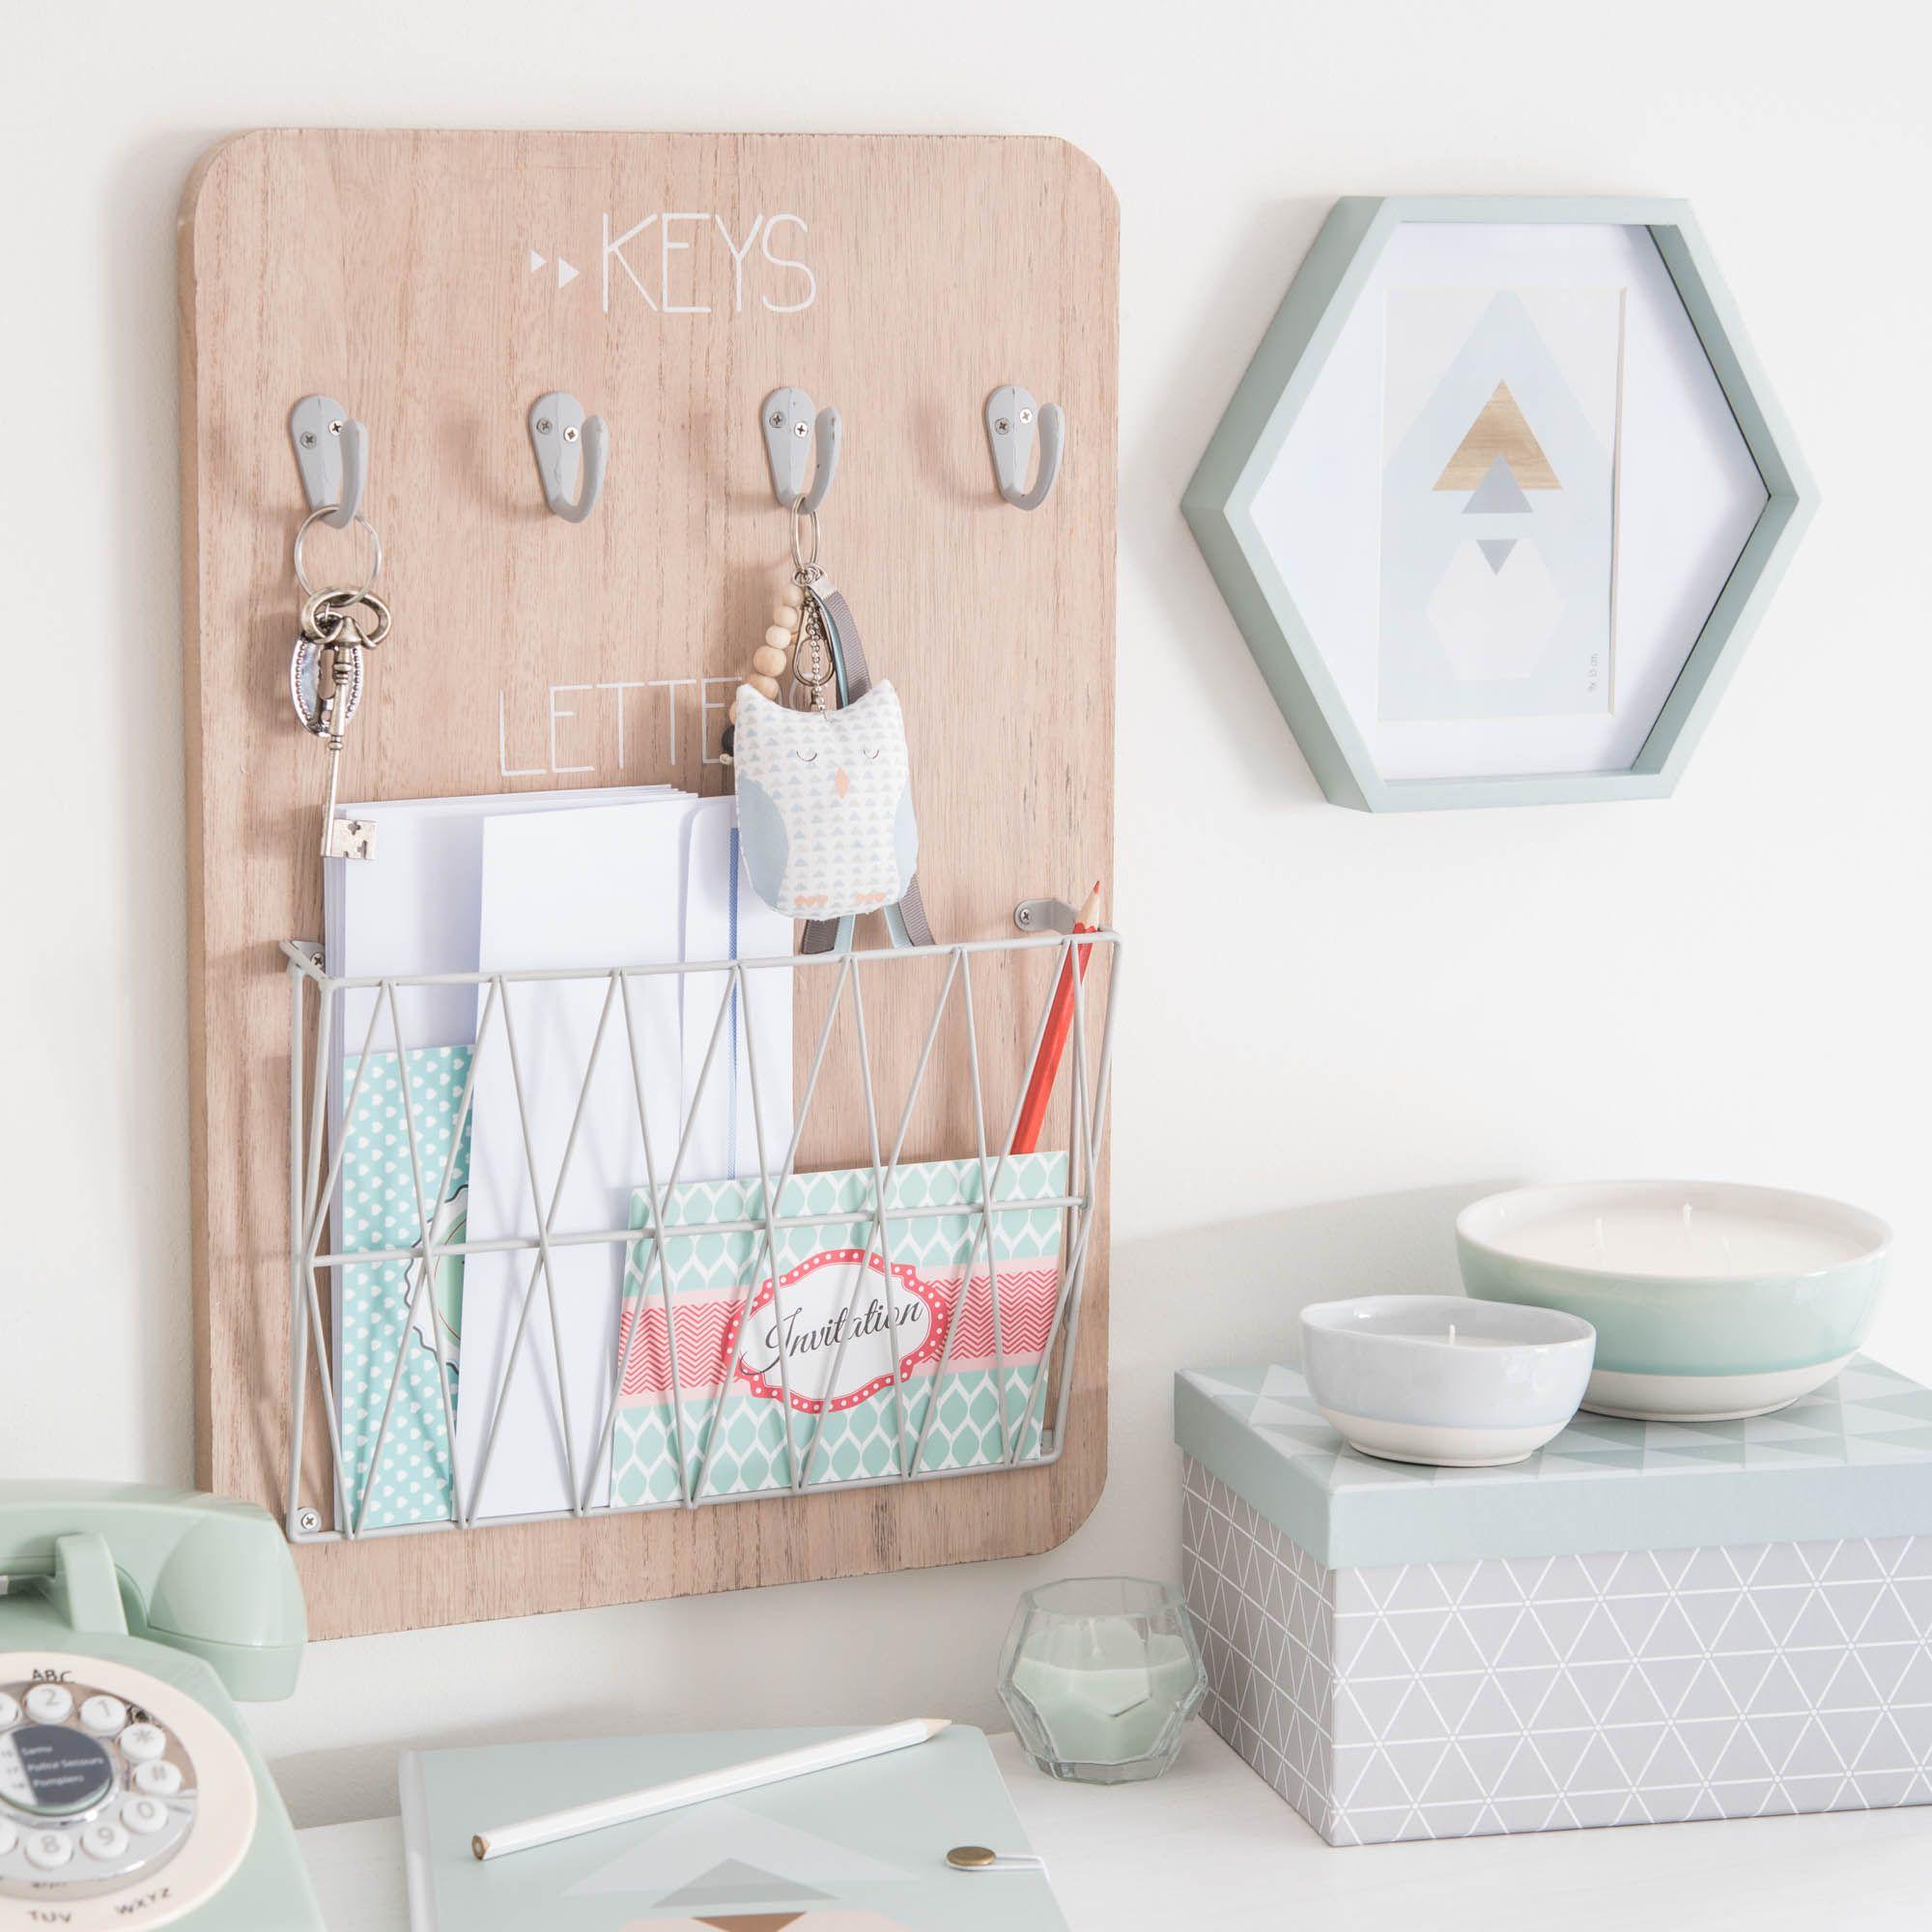 Tableau  clés courrier en bois 30 x 45 cm GRAPHIC